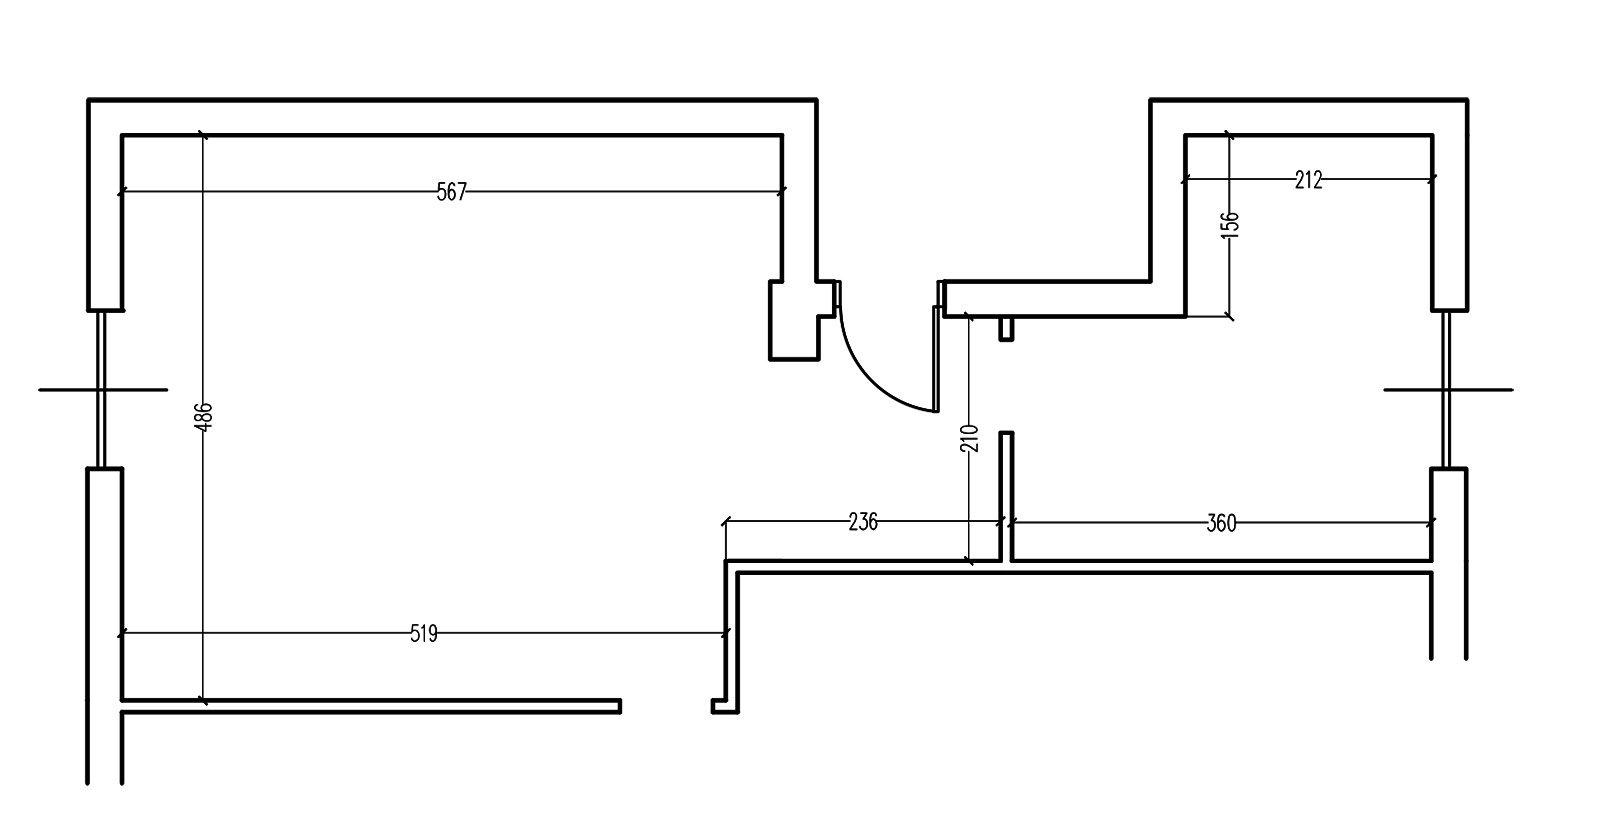 Planimetrie cose di casa for Planimetrie di case di piccoli laghi